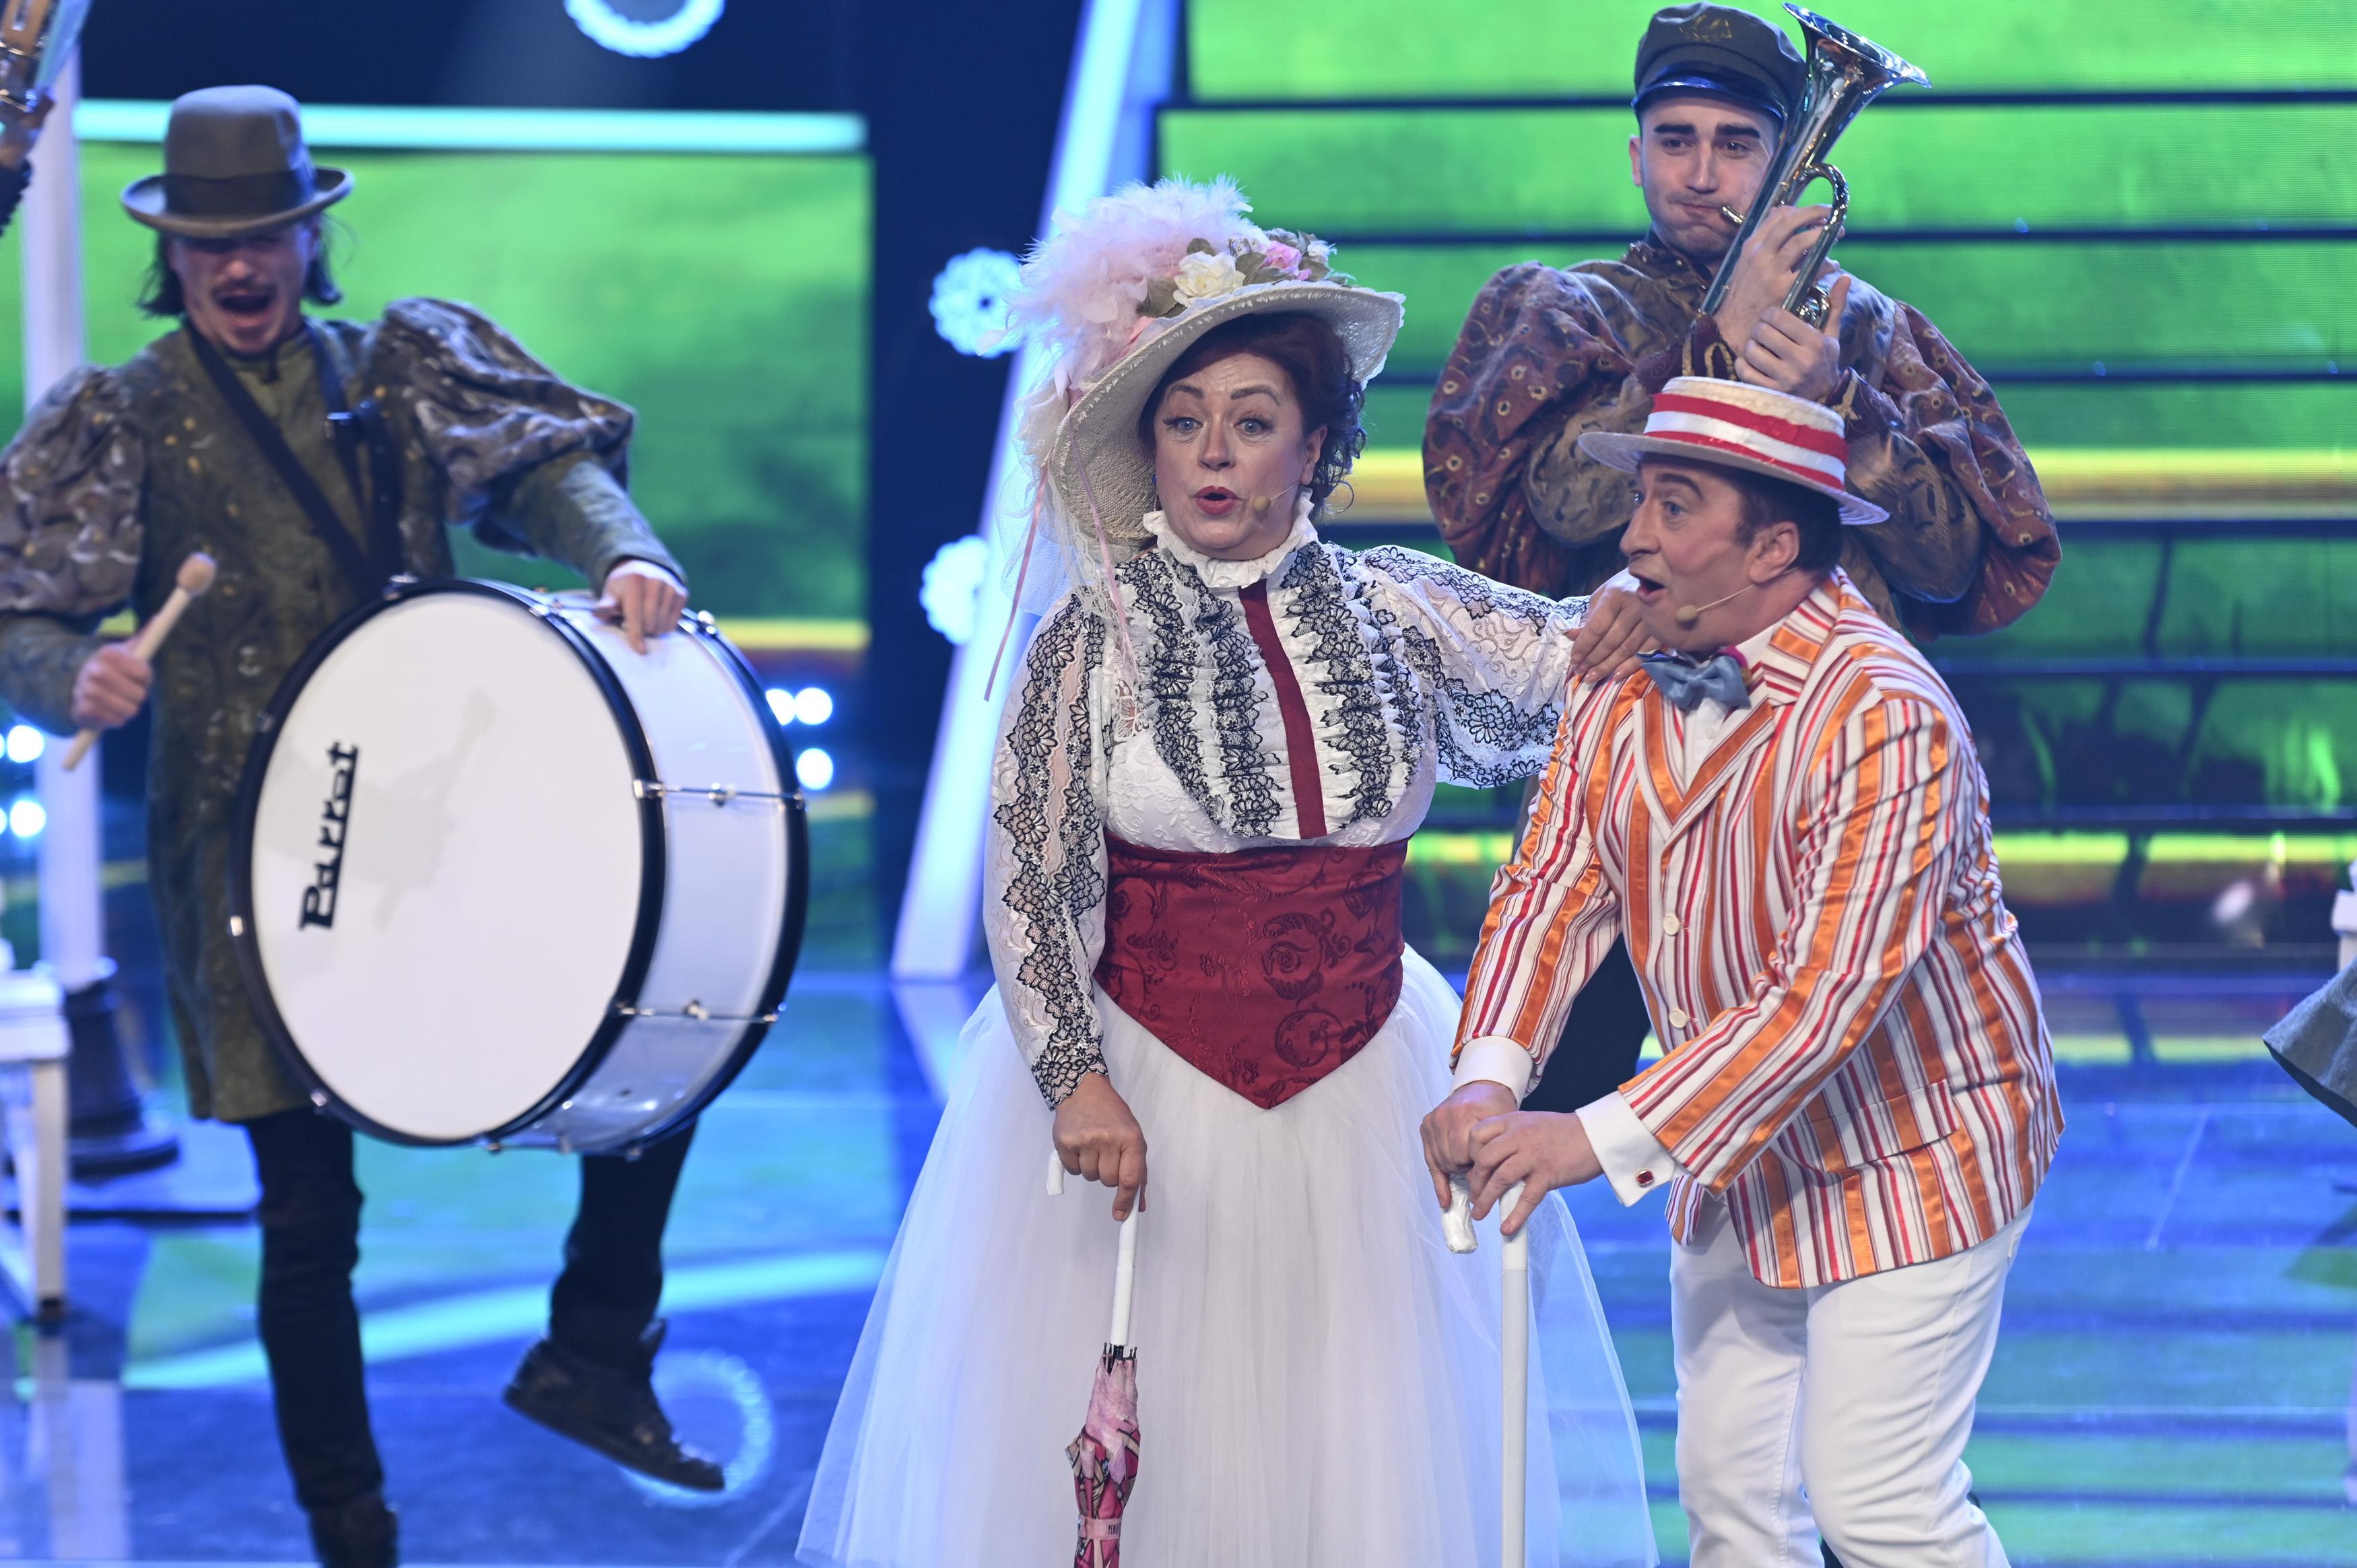 Te cunosc de undeva, 13 martie 2021. Adriana Trandafir și Romică Țociu, moment plin de energie redat din filmul Mary Poppins